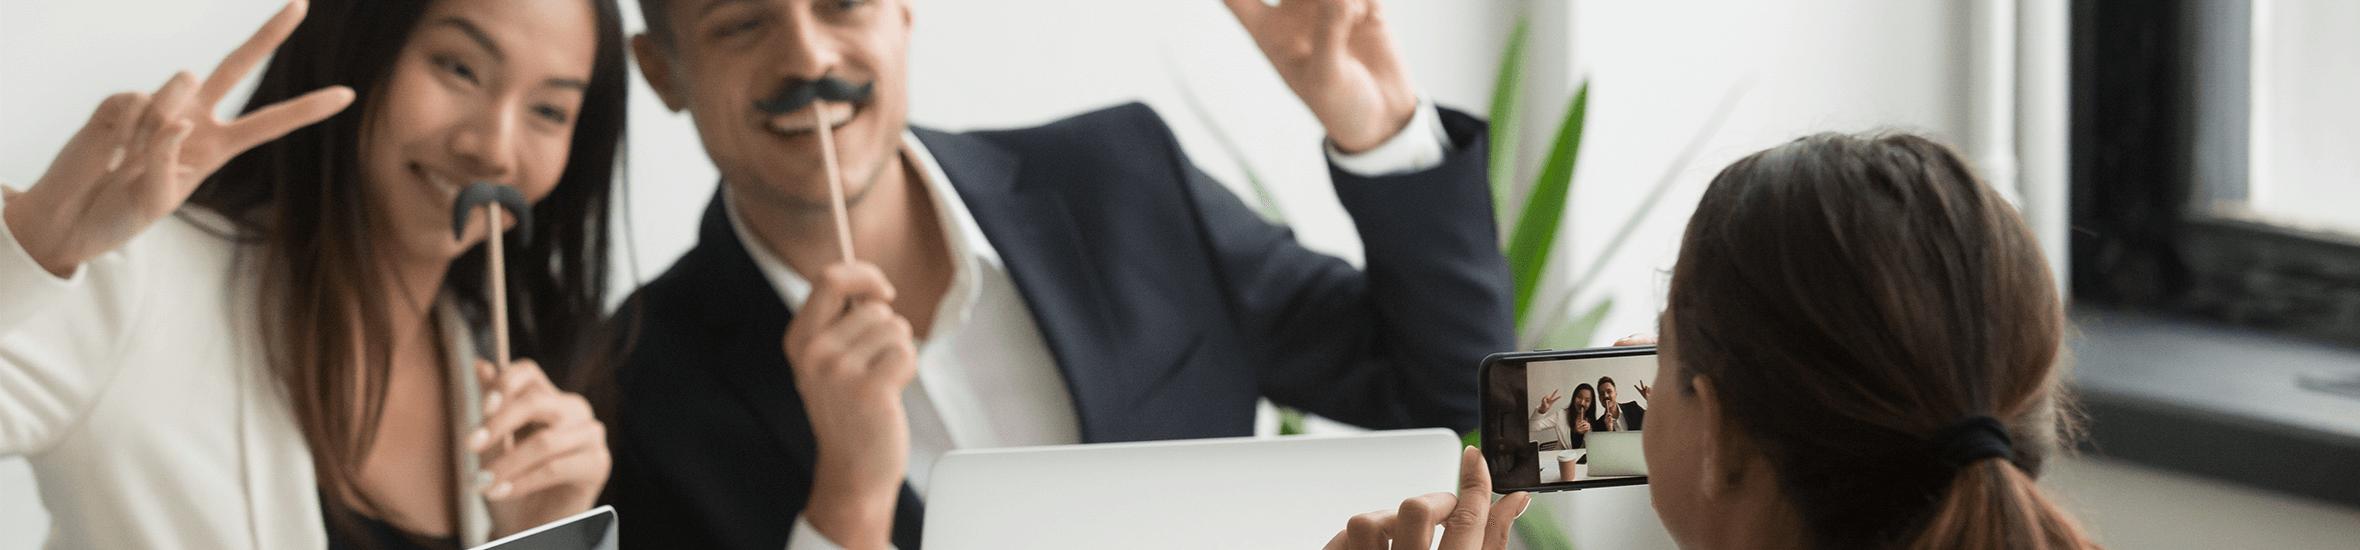 Les stories pour valoriser votre entreprise